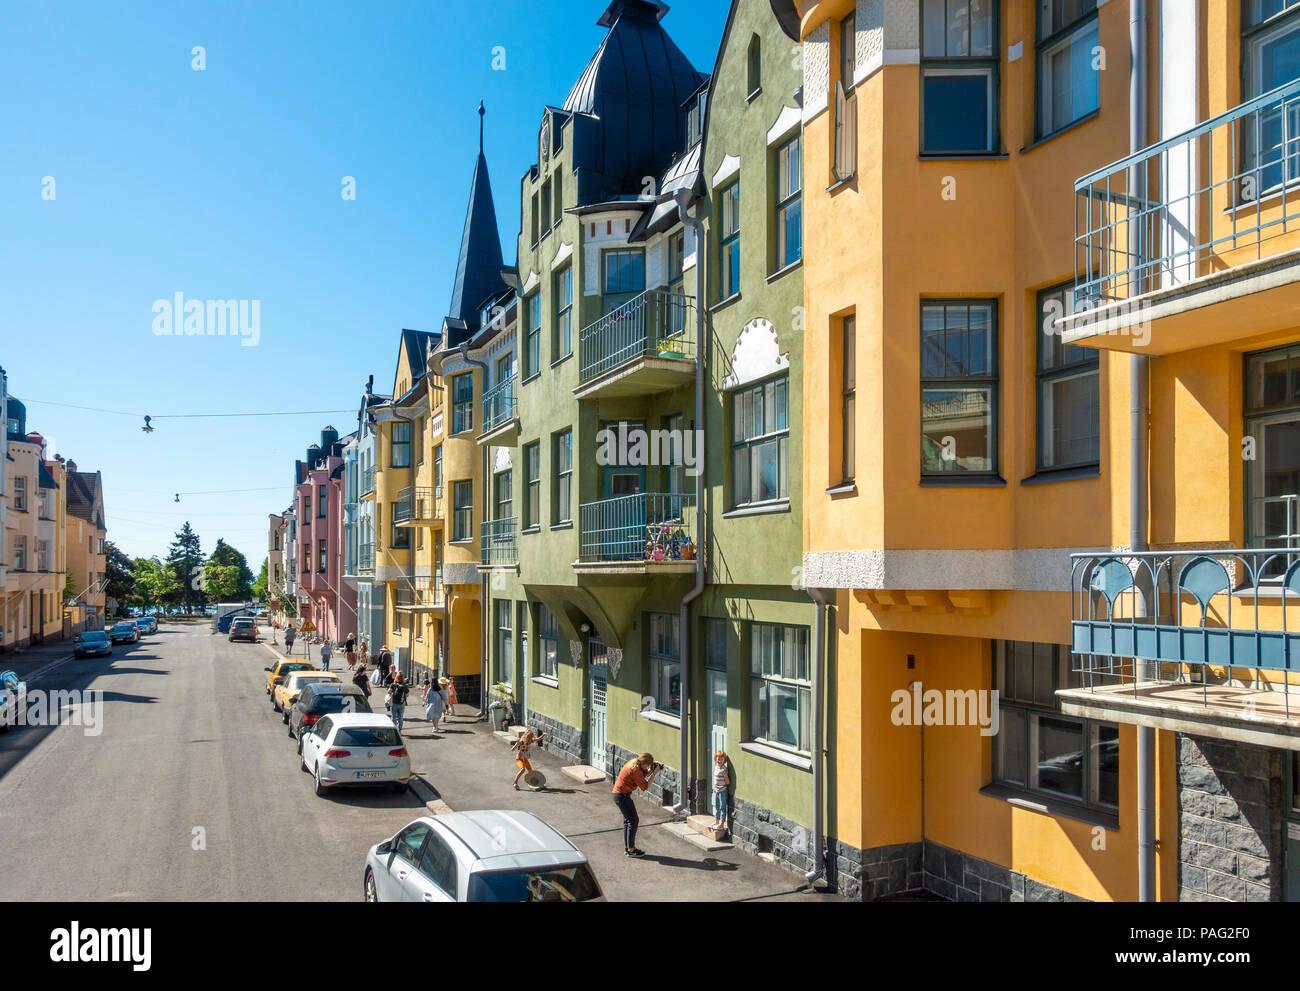 Helsinki case colorate in Huvilakatu Street, Helsinki Finlandia. Strada colorati con colori pastello e stile Liberty e Art Nouveau ville Immagini Stock